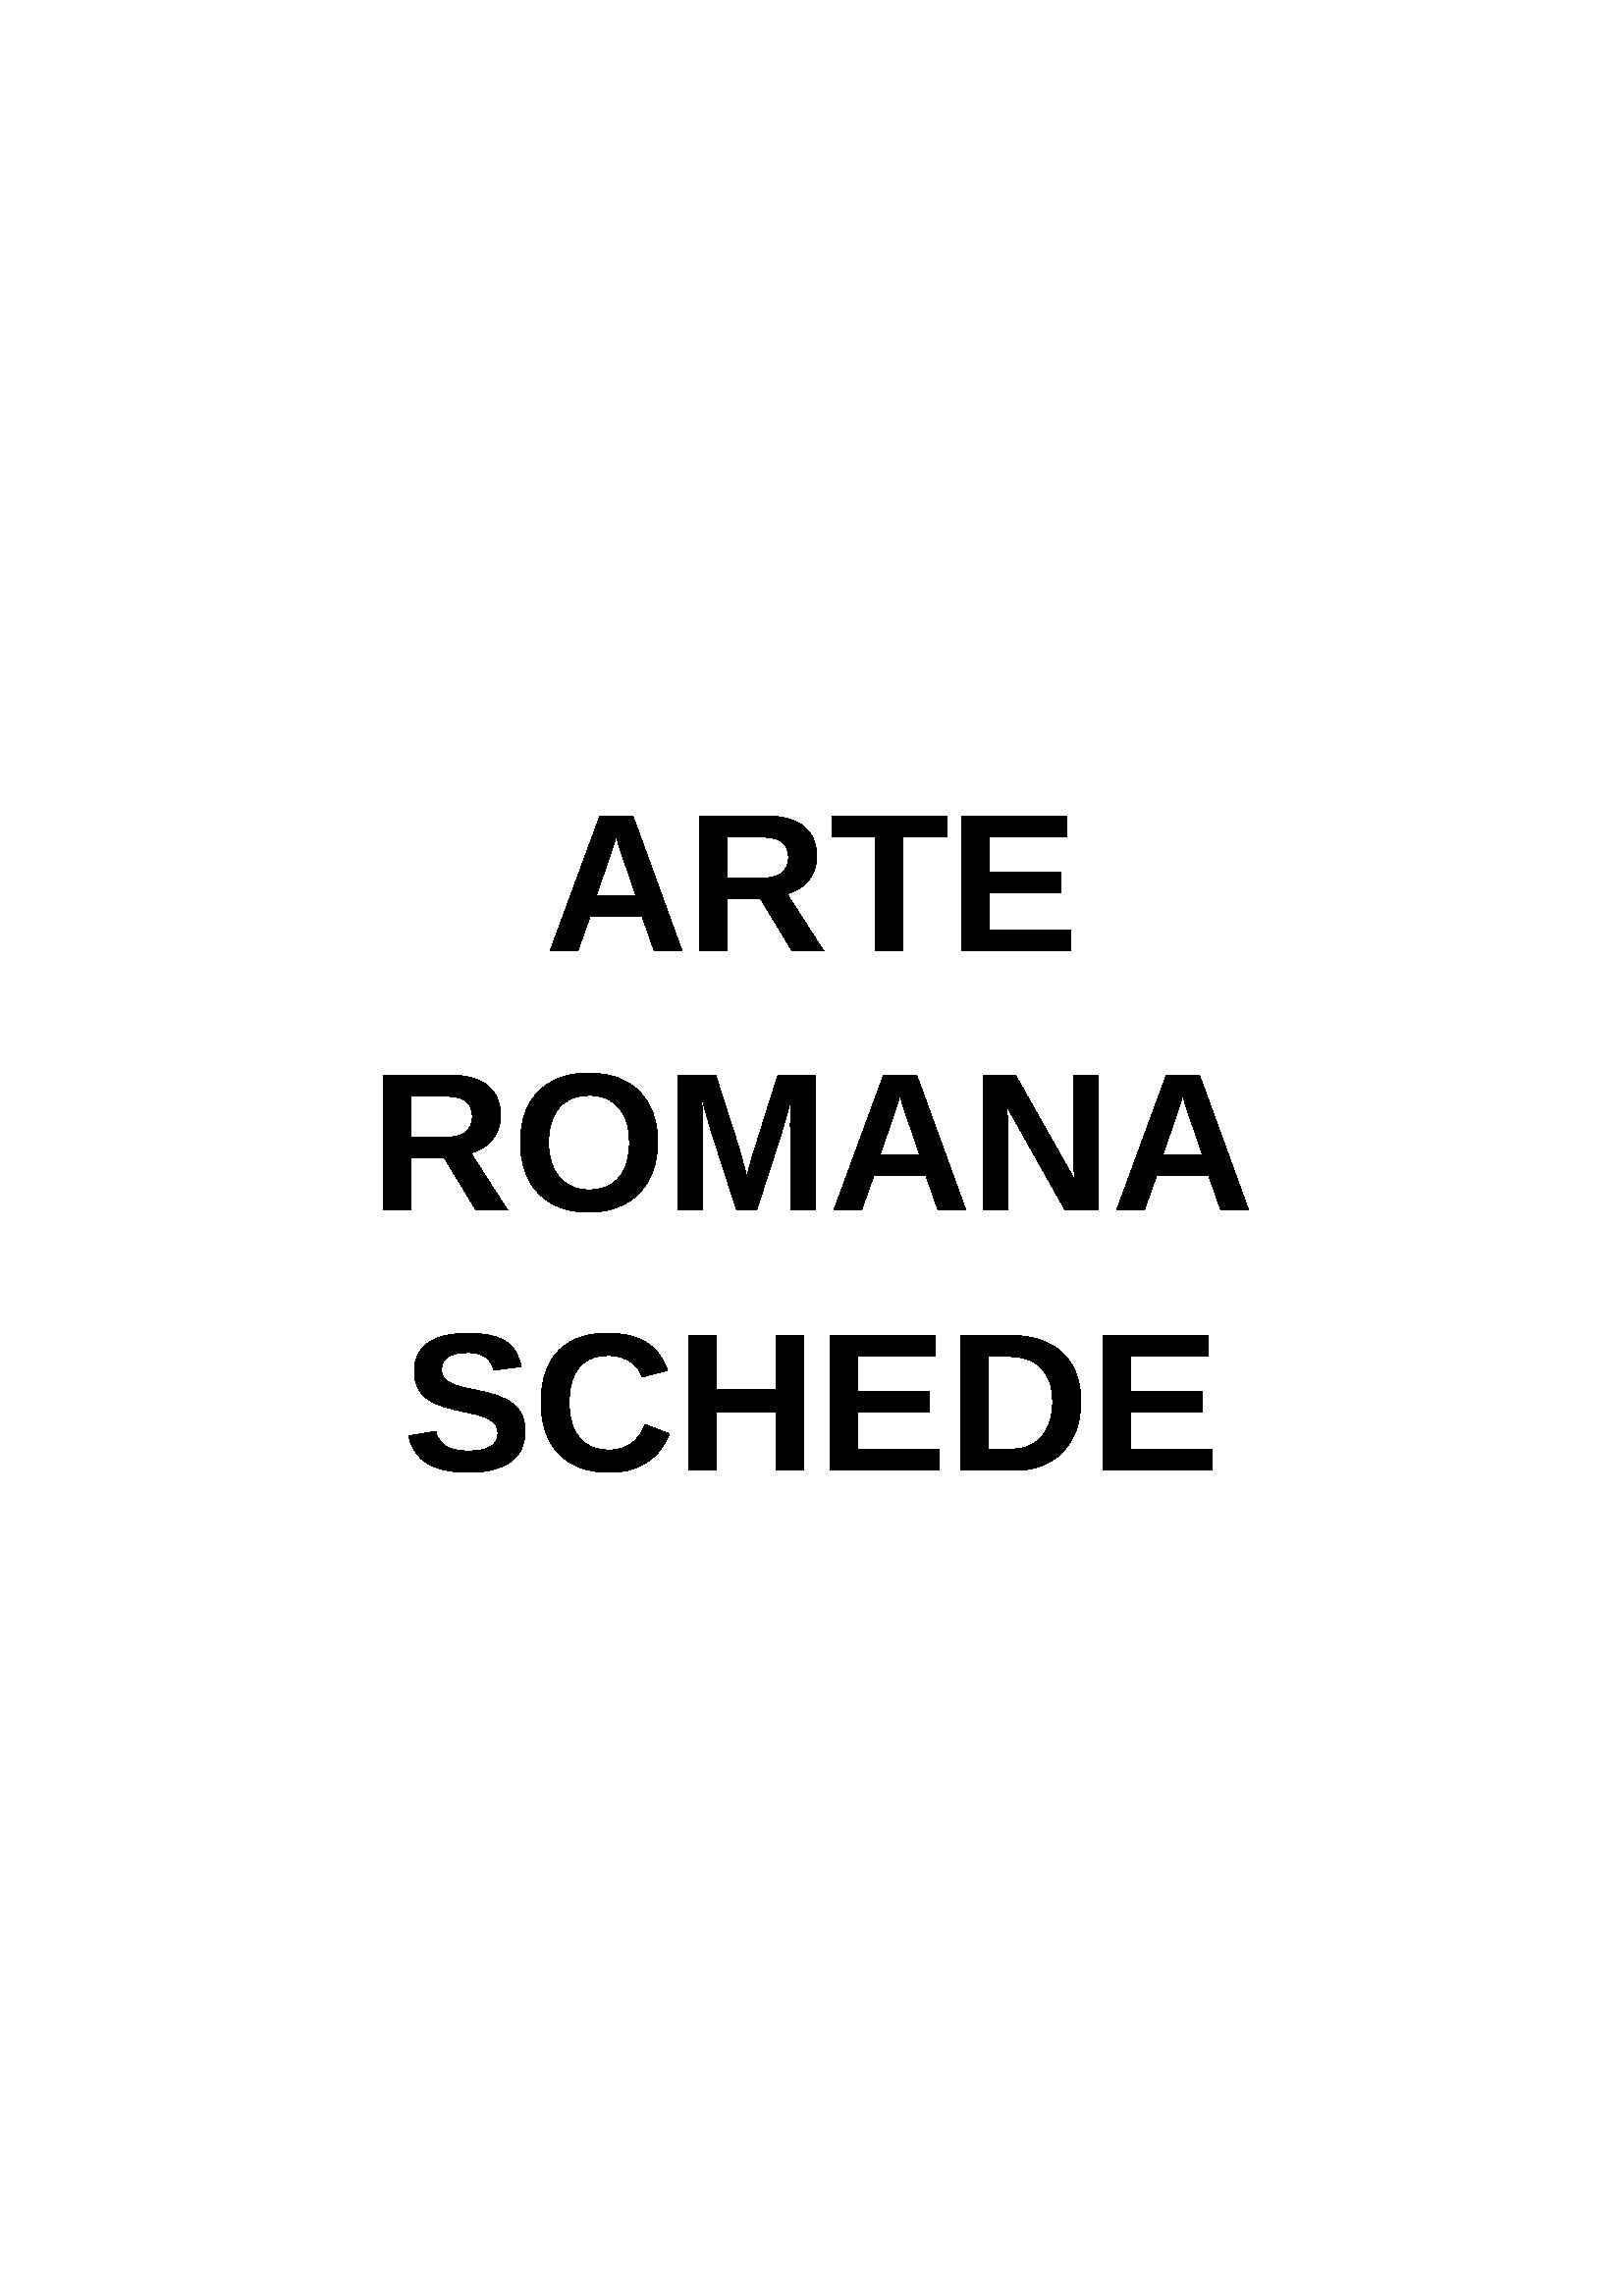 Archeologia e storia dell'arte romana - Appunti